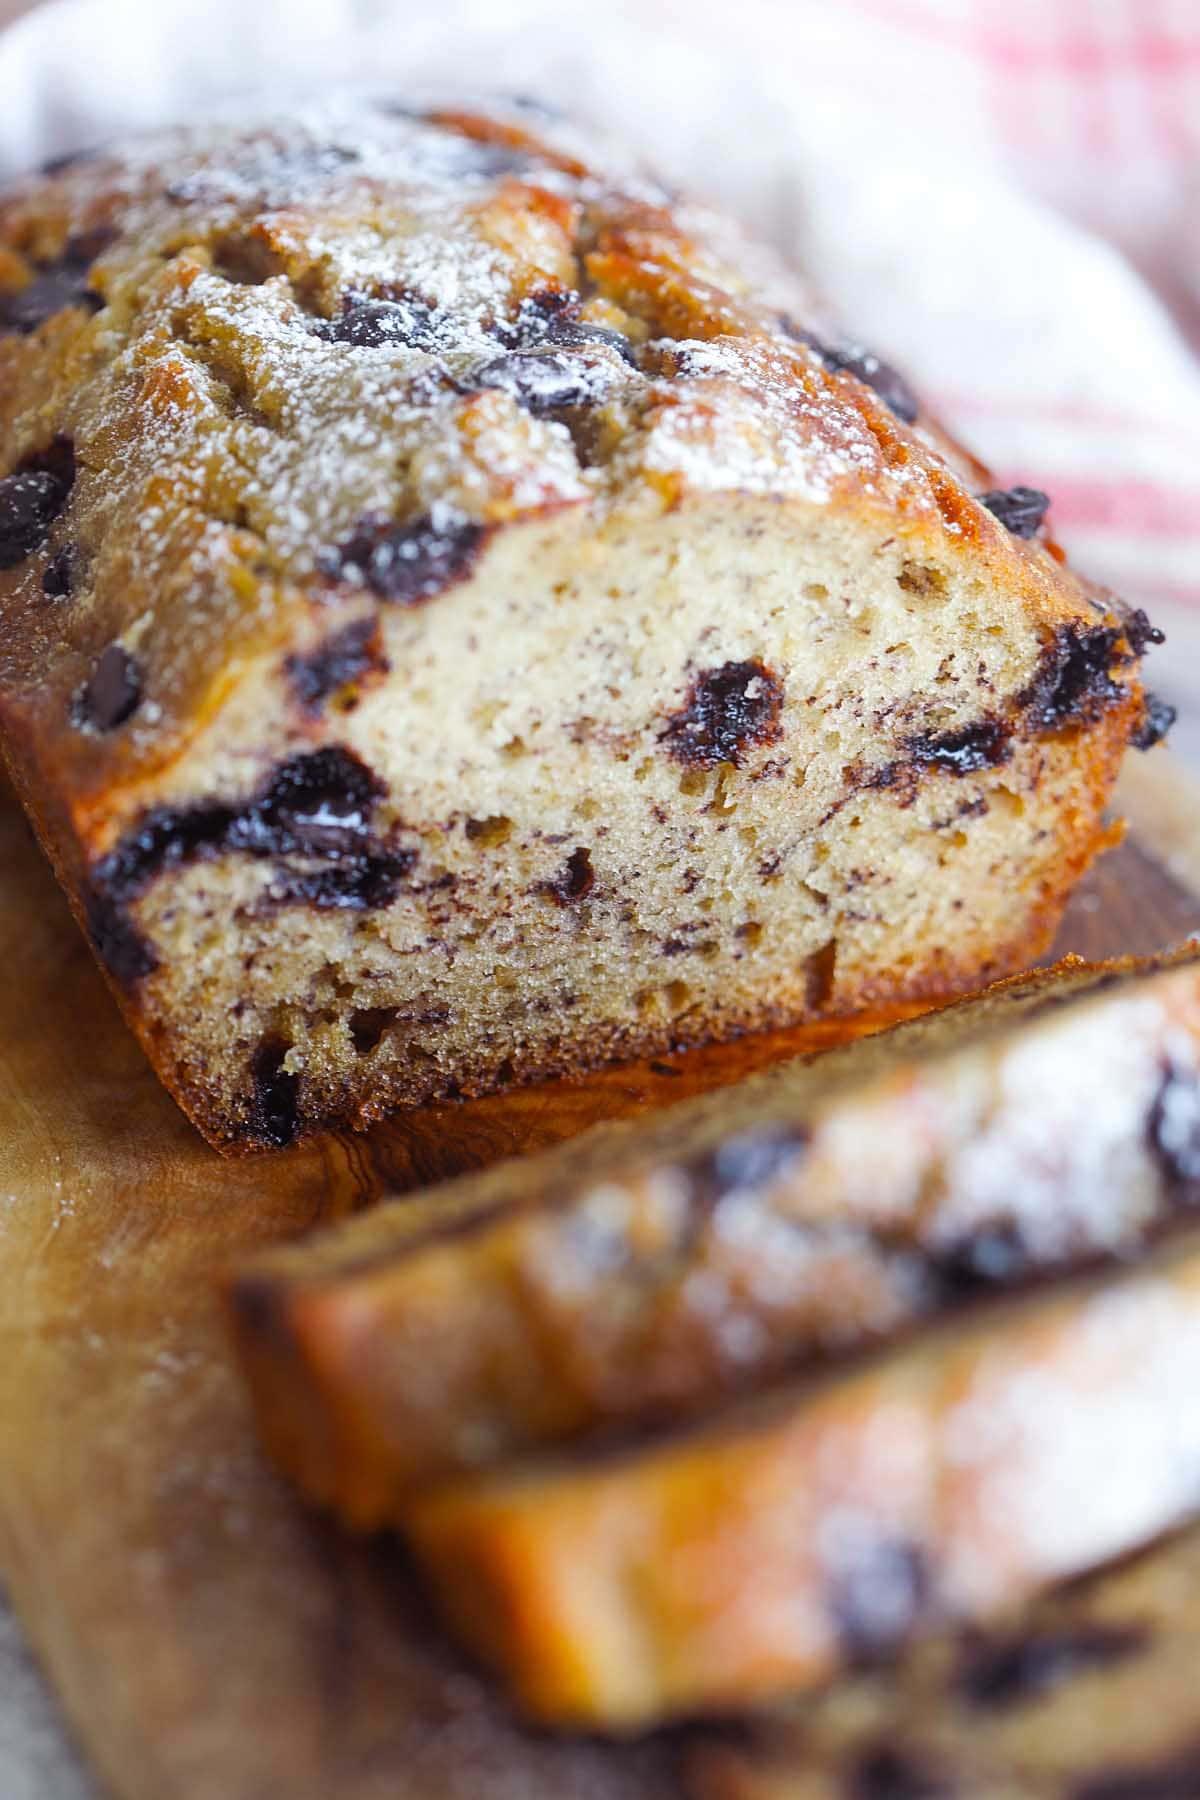 Meilleure recette de pain aux bananes et aux pépites de chocolat.